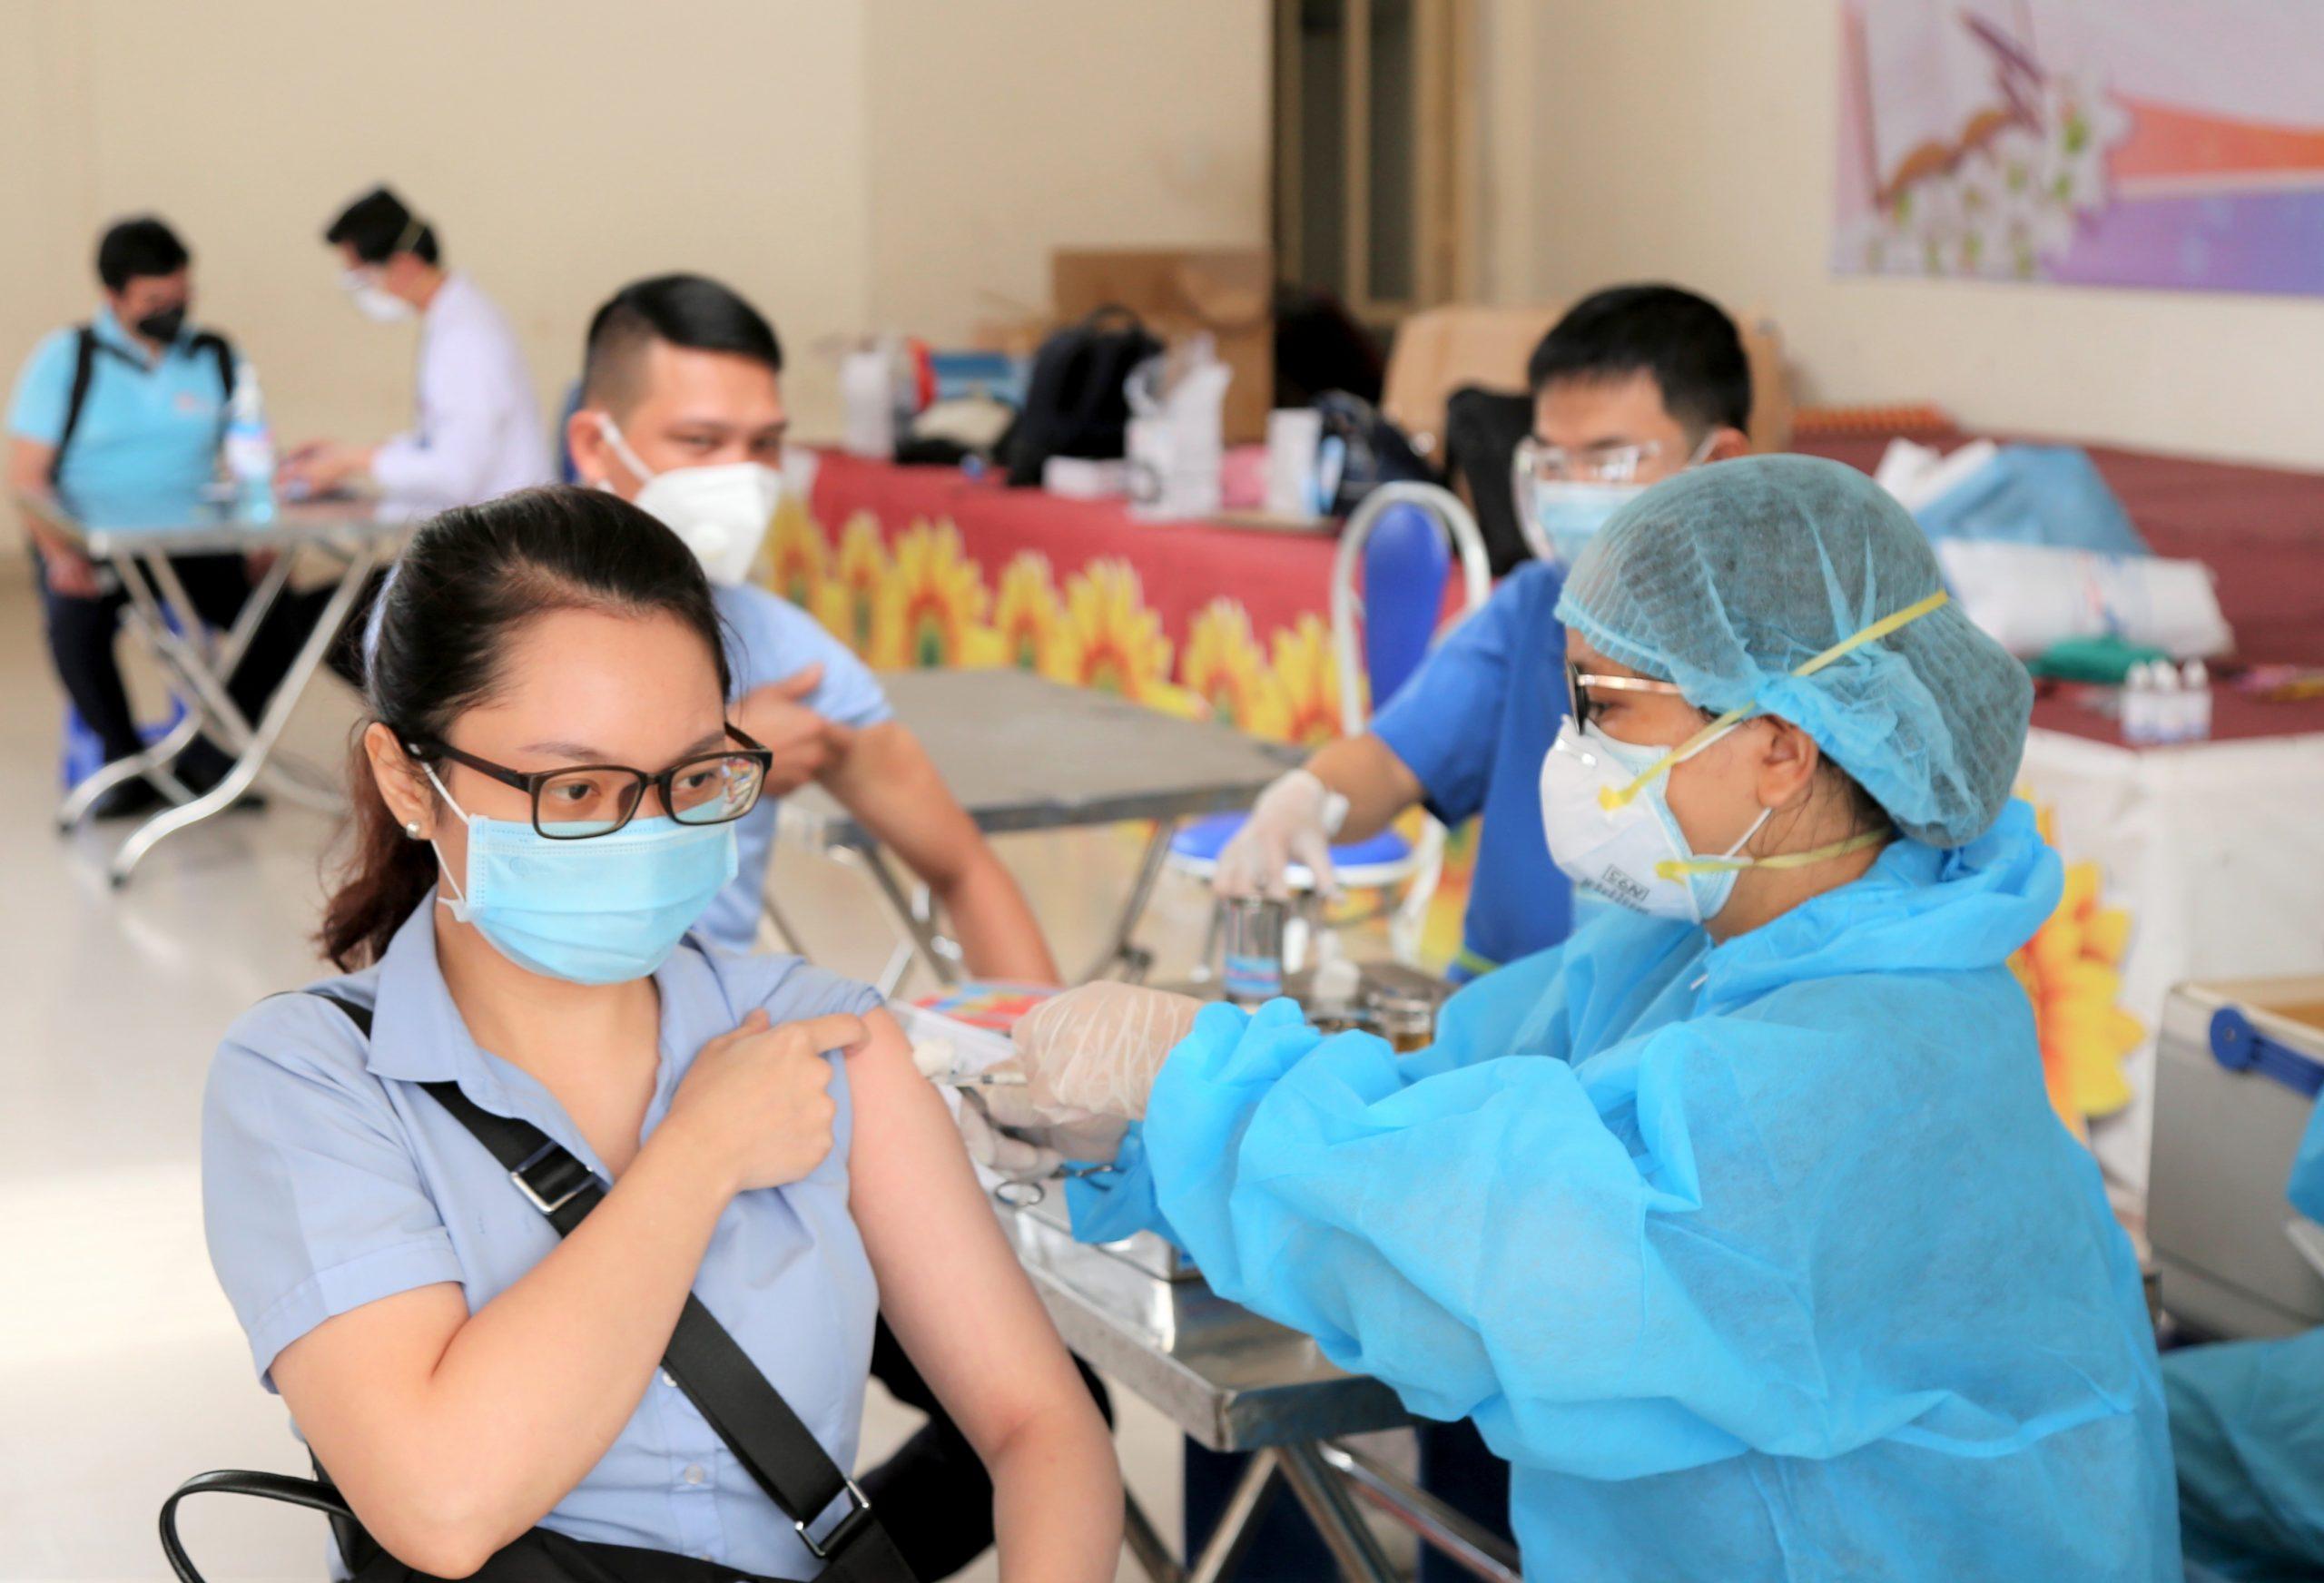 Tổng công ty Tân cảng Sài Gòn: Thần tốc triển khai chiến dịch tiêm vắc xin phòng Covid-19